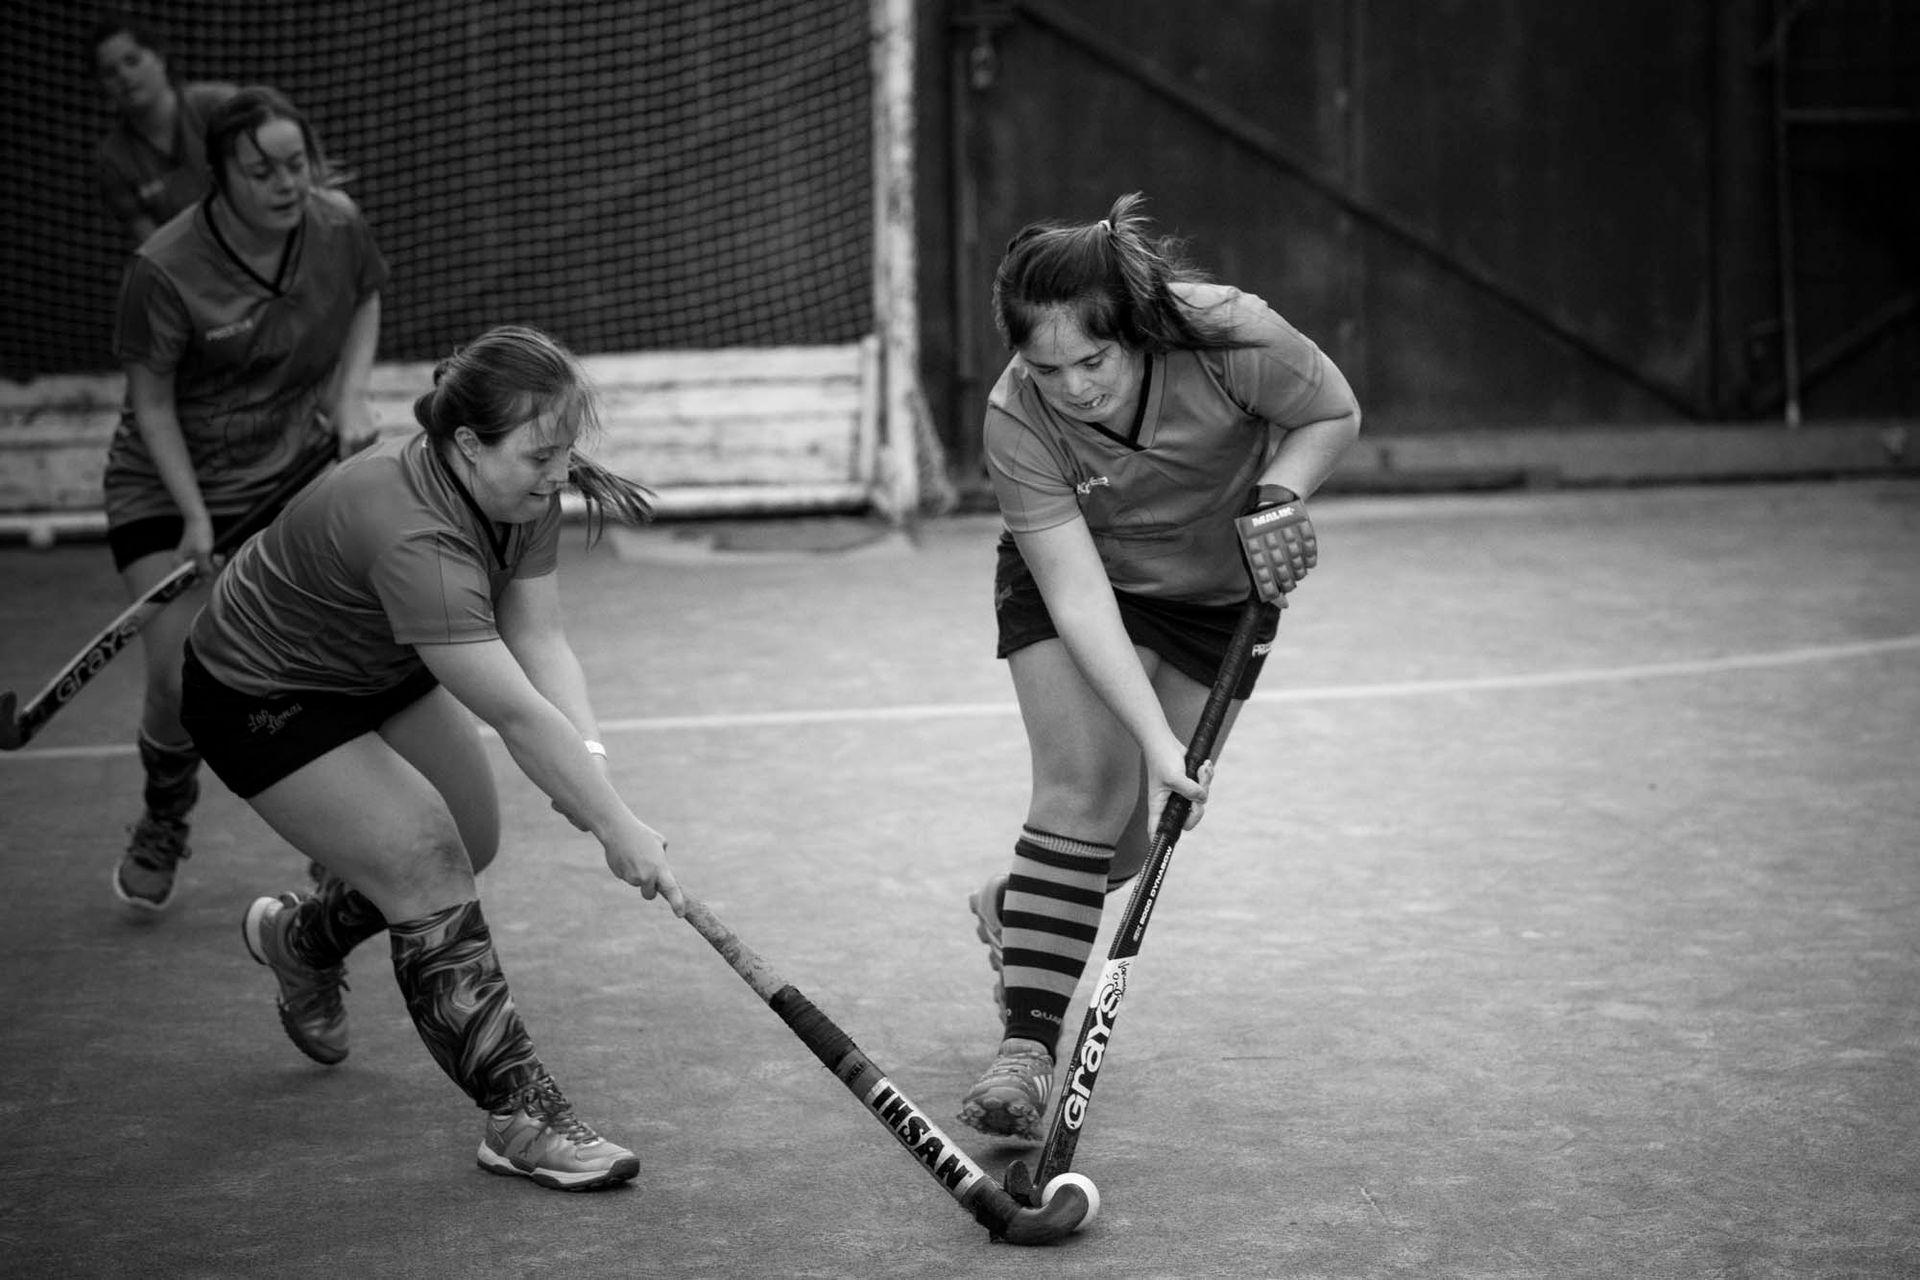 Las chicas trabajan con facilitadoras, deportistas convencionales que las ayudan a organizar el juego en la cancha y también a despertar las ganas de participar.